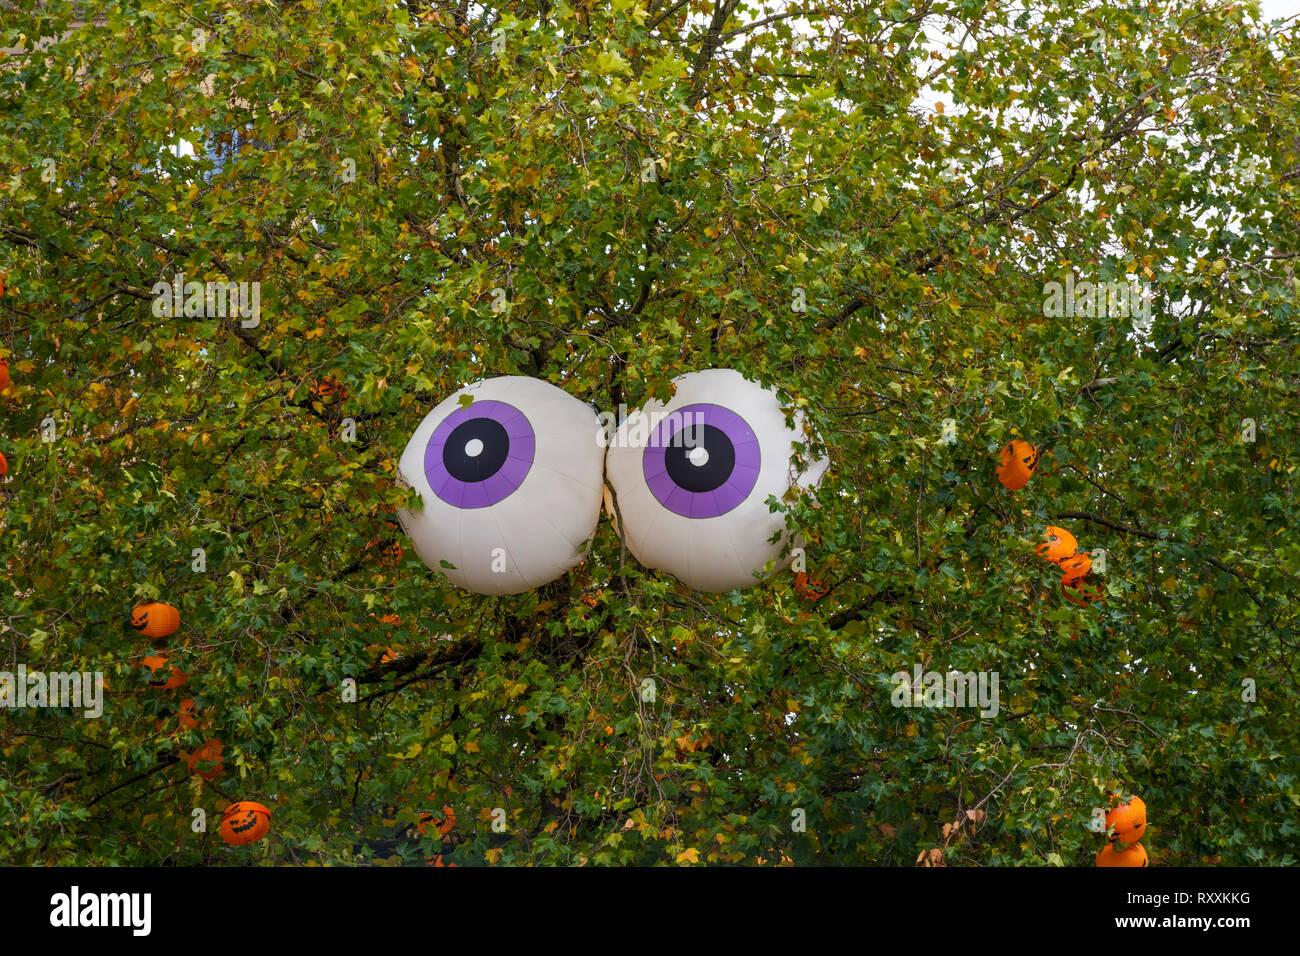 Dos ojos inflables instalados en un árbol para Halloween, Saint Ann's Square, en Manchester, Inglaterra, Reino Unido. Imagen De Stock